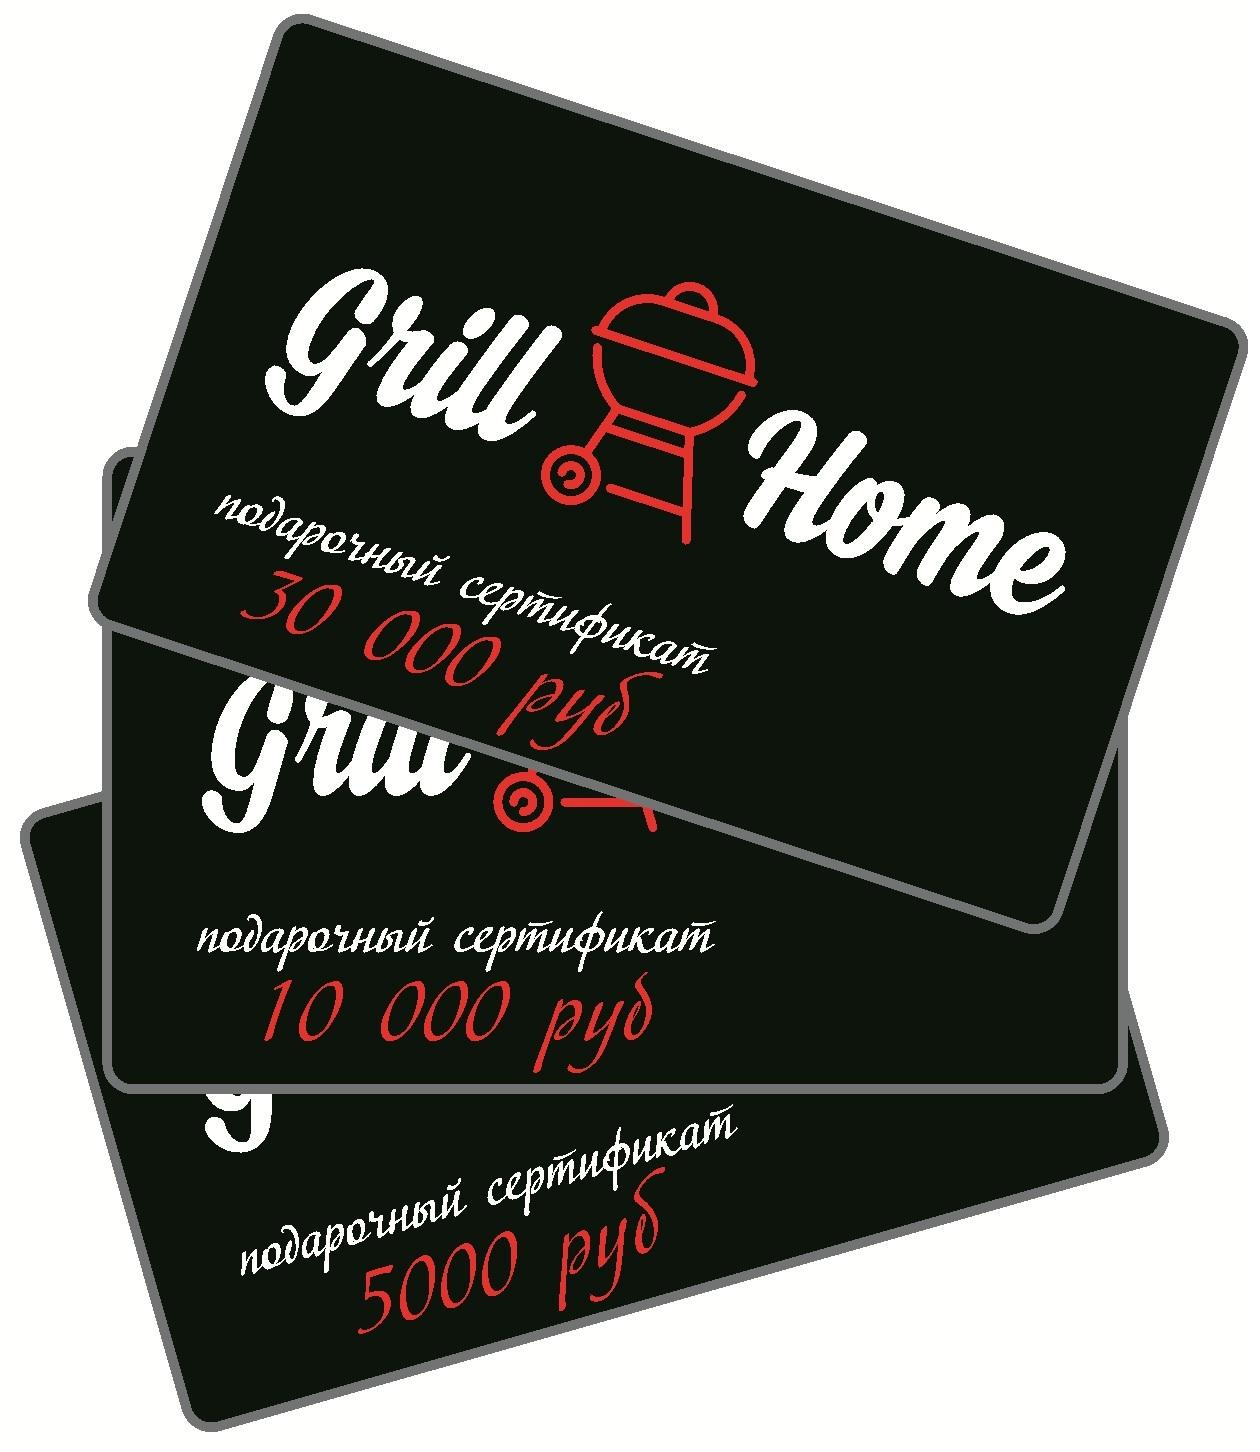 Подарочный сертификат компании GrillHome на сумму 10000 рублей.